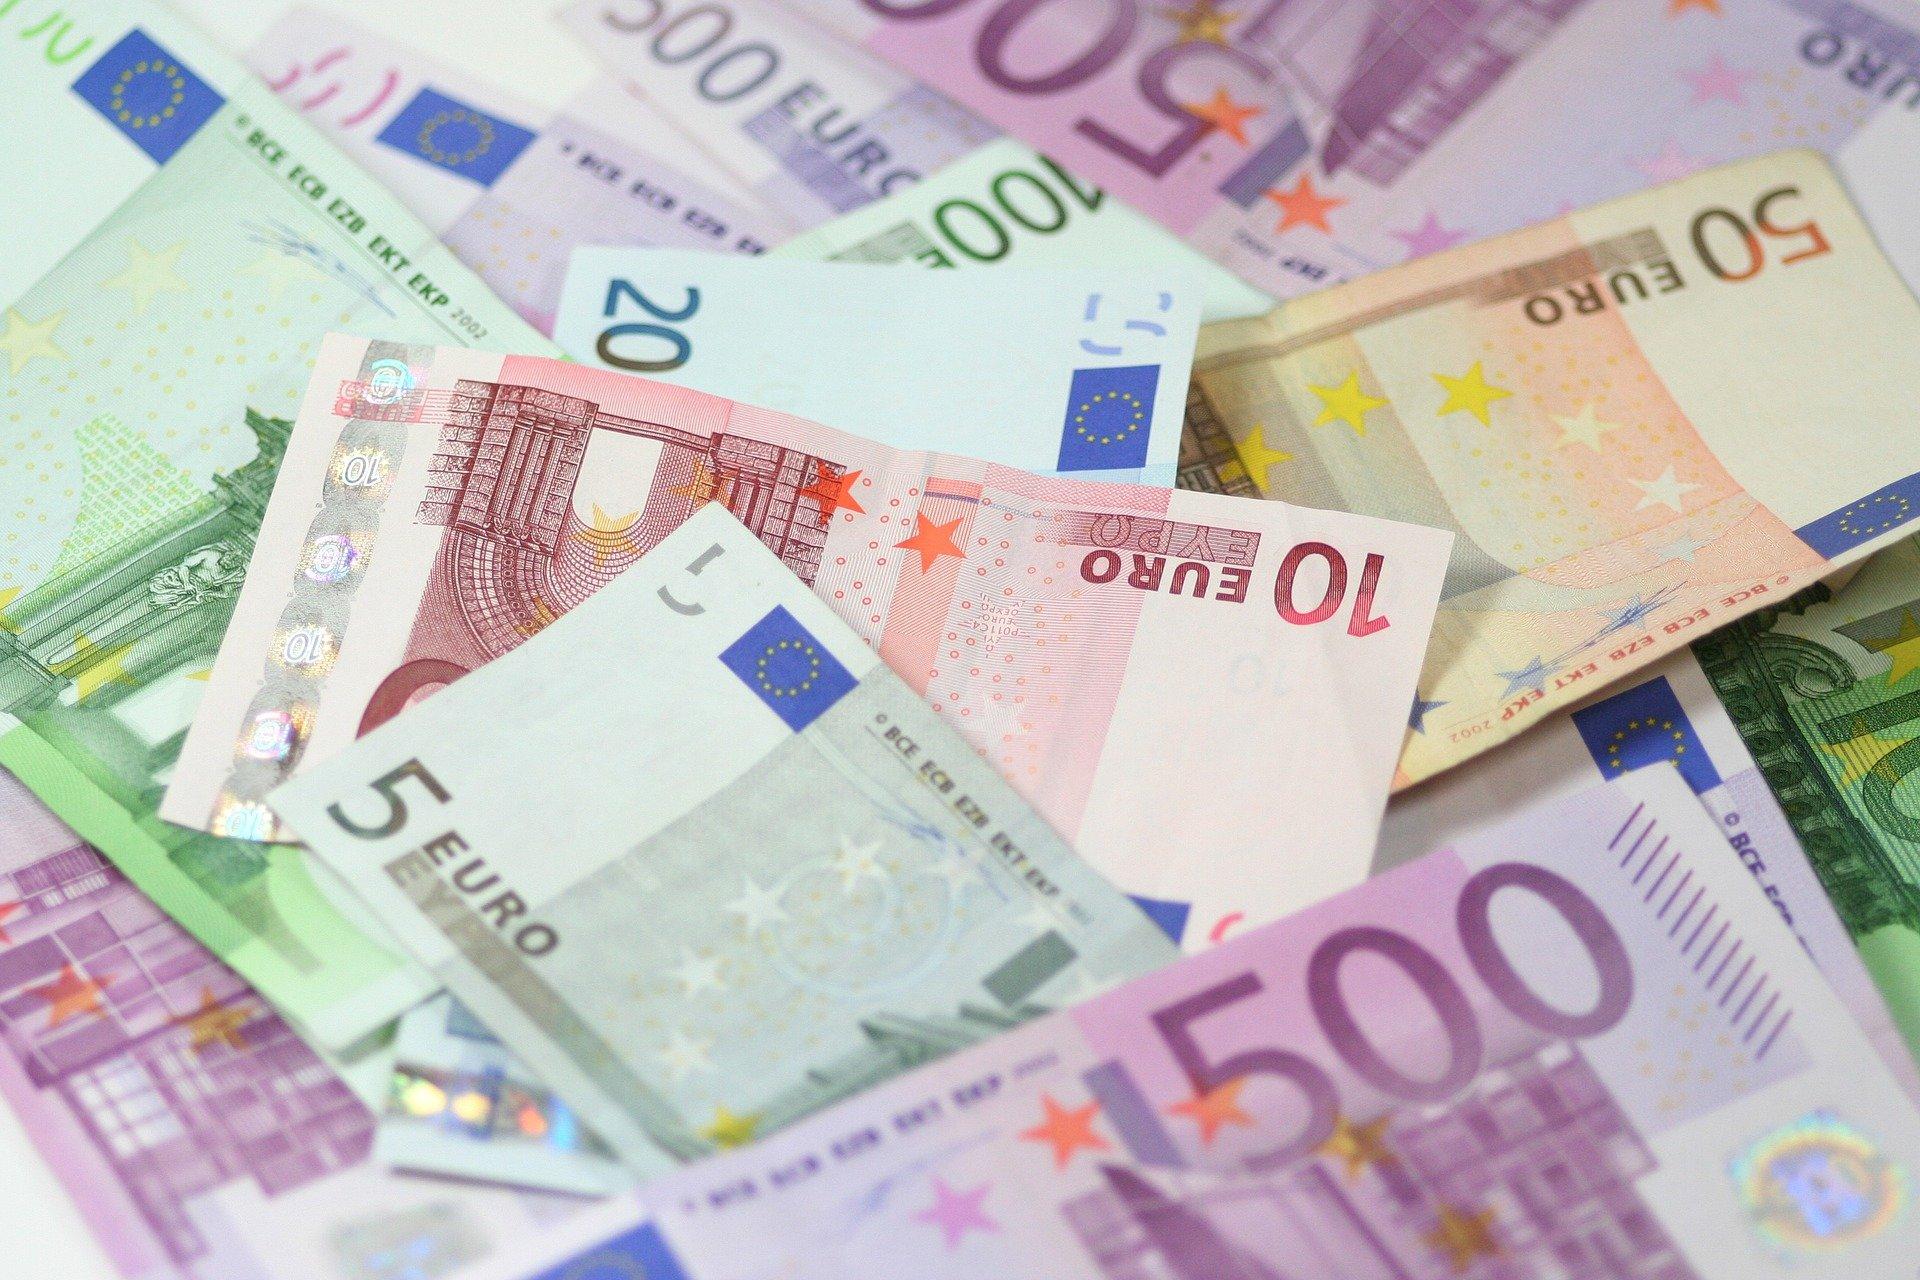 Les banques corses ont enregistré 10 millions d'euros de dépôts bancaires en 2020. Crédits Photos : Pixabay